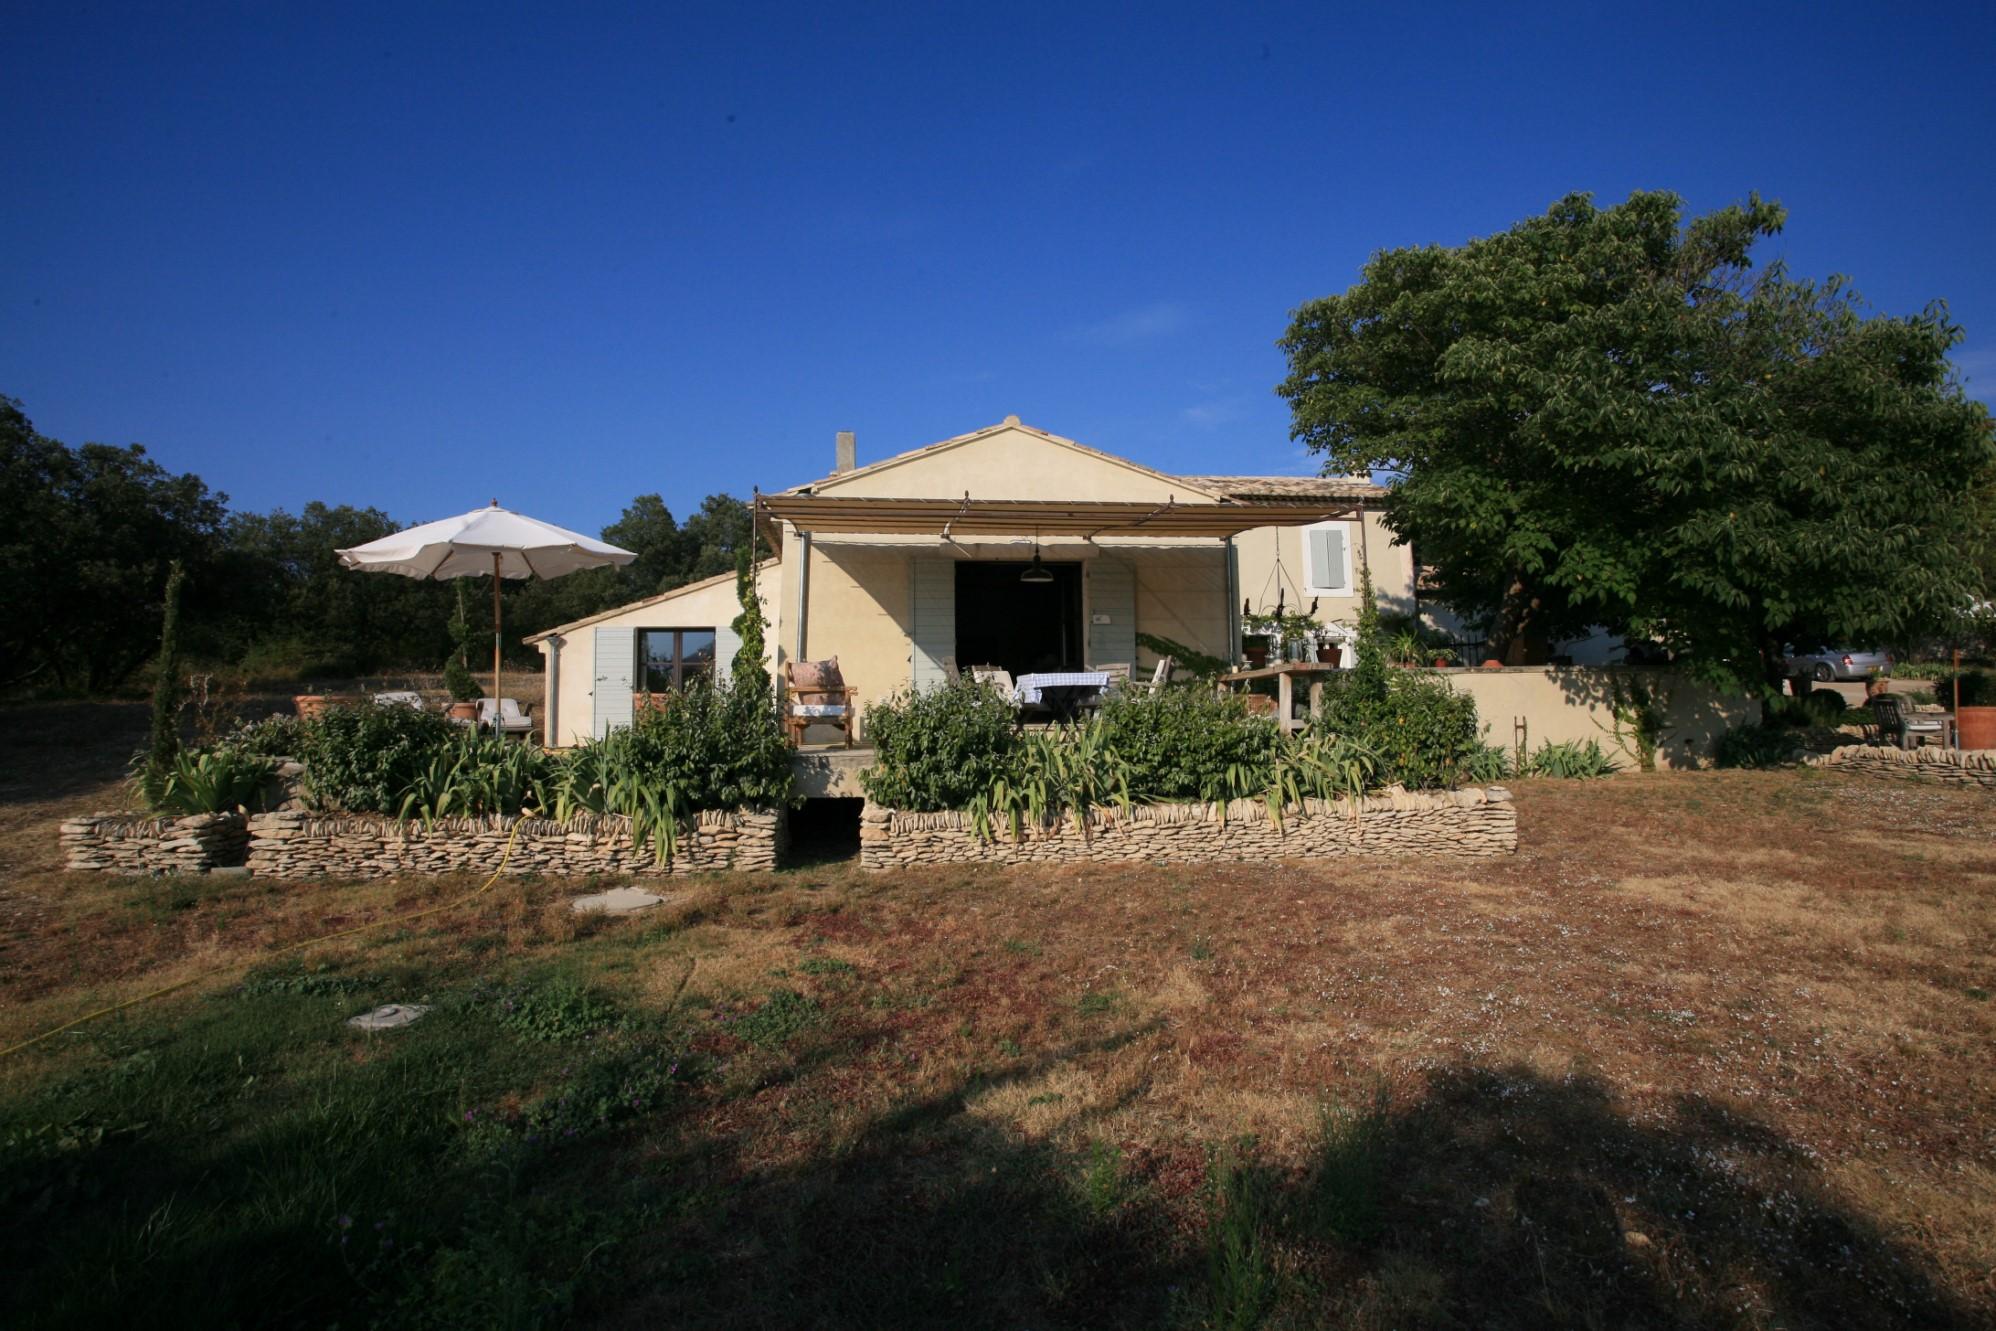 A vendre dans le Luberon, bastide rénovée avec vue